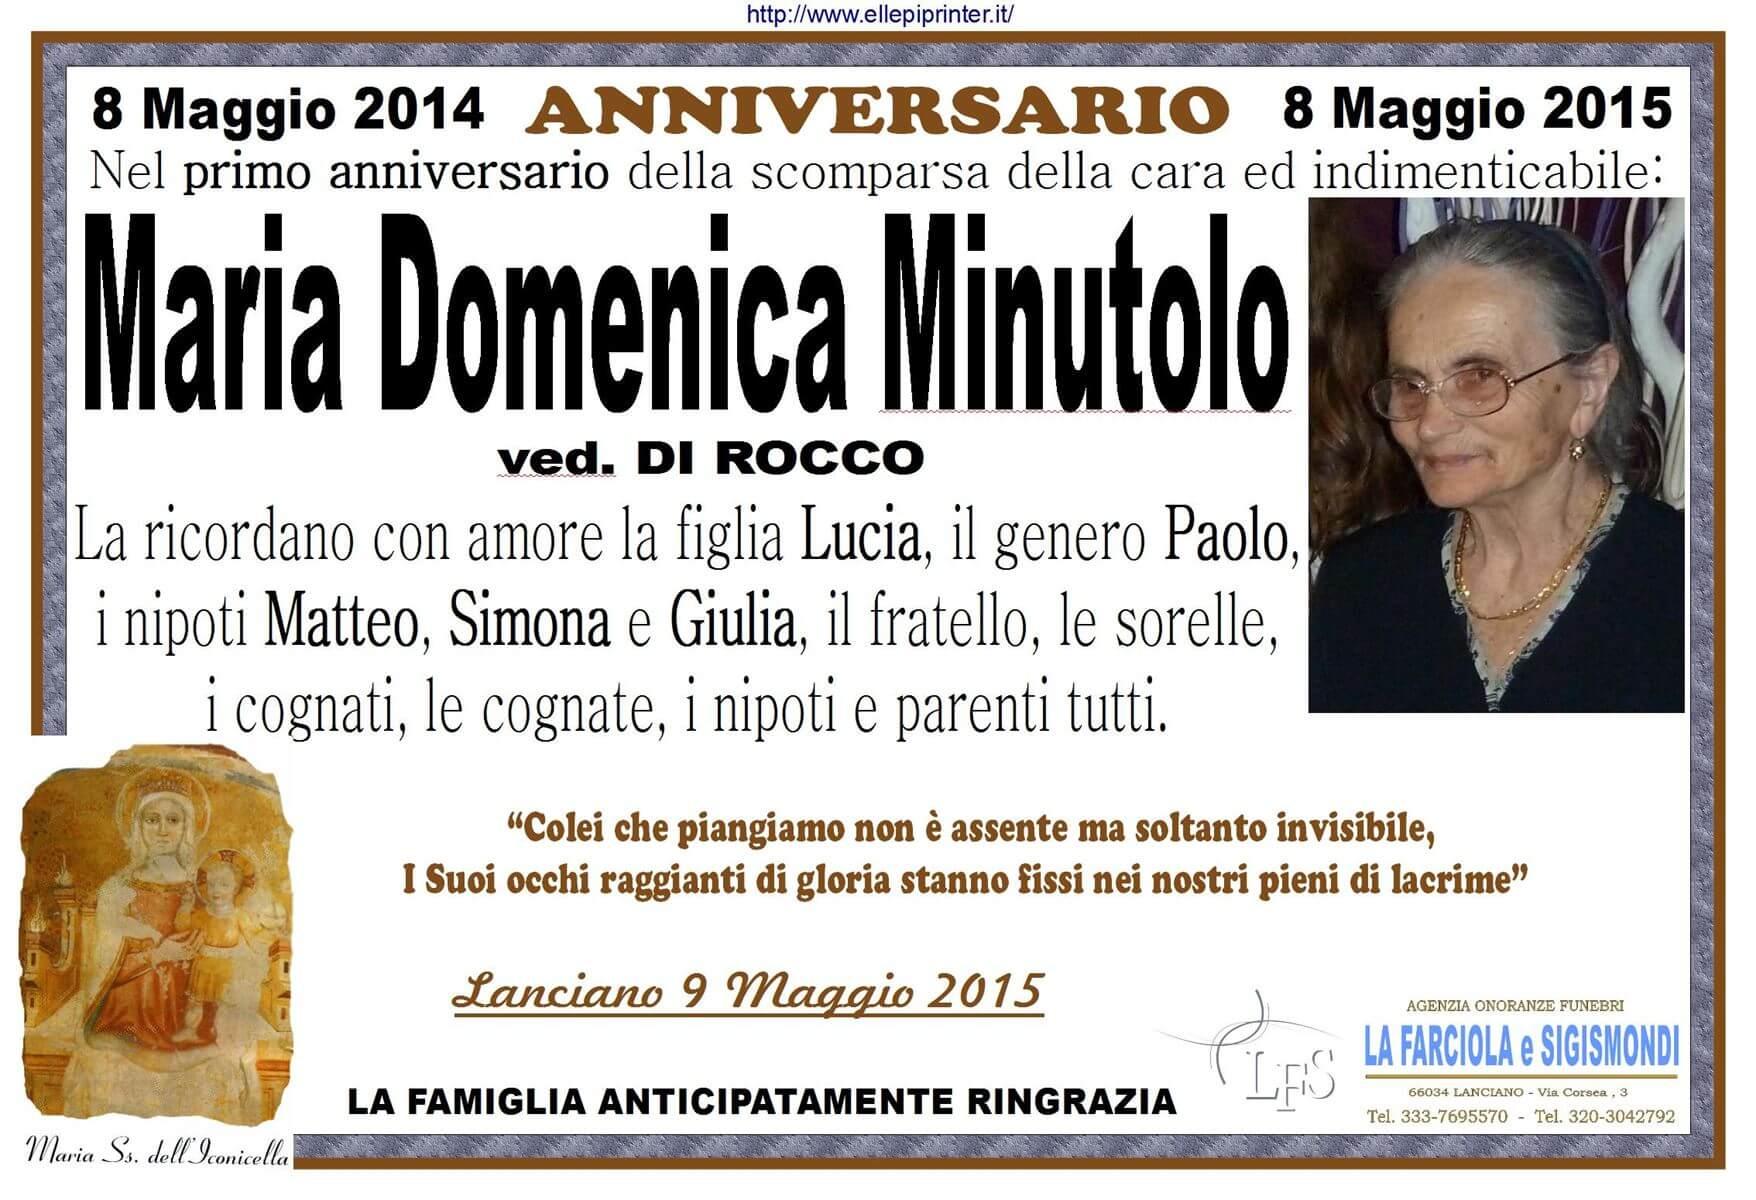 ANNIVERSARIO MARIA DOMENICA MINUTOLO 2015